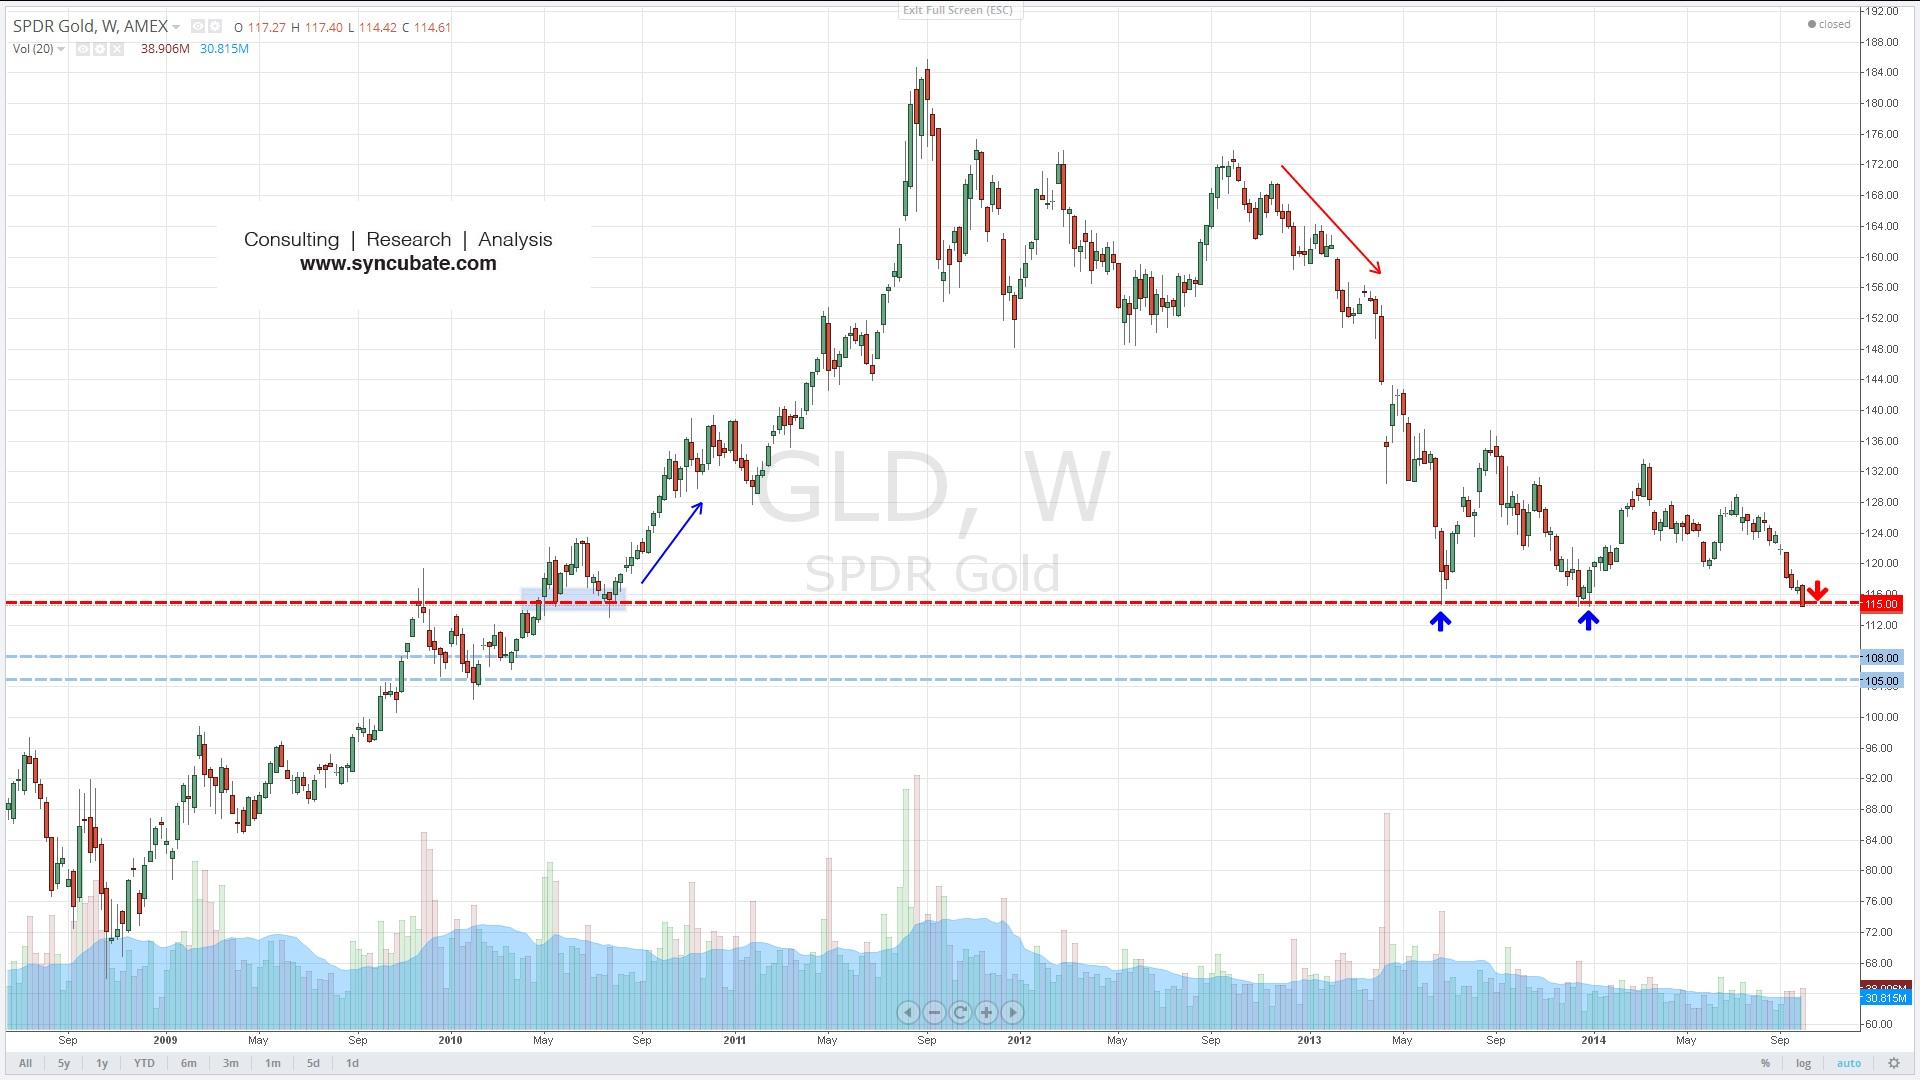 $GLD : SPDR Gold Trust ETF